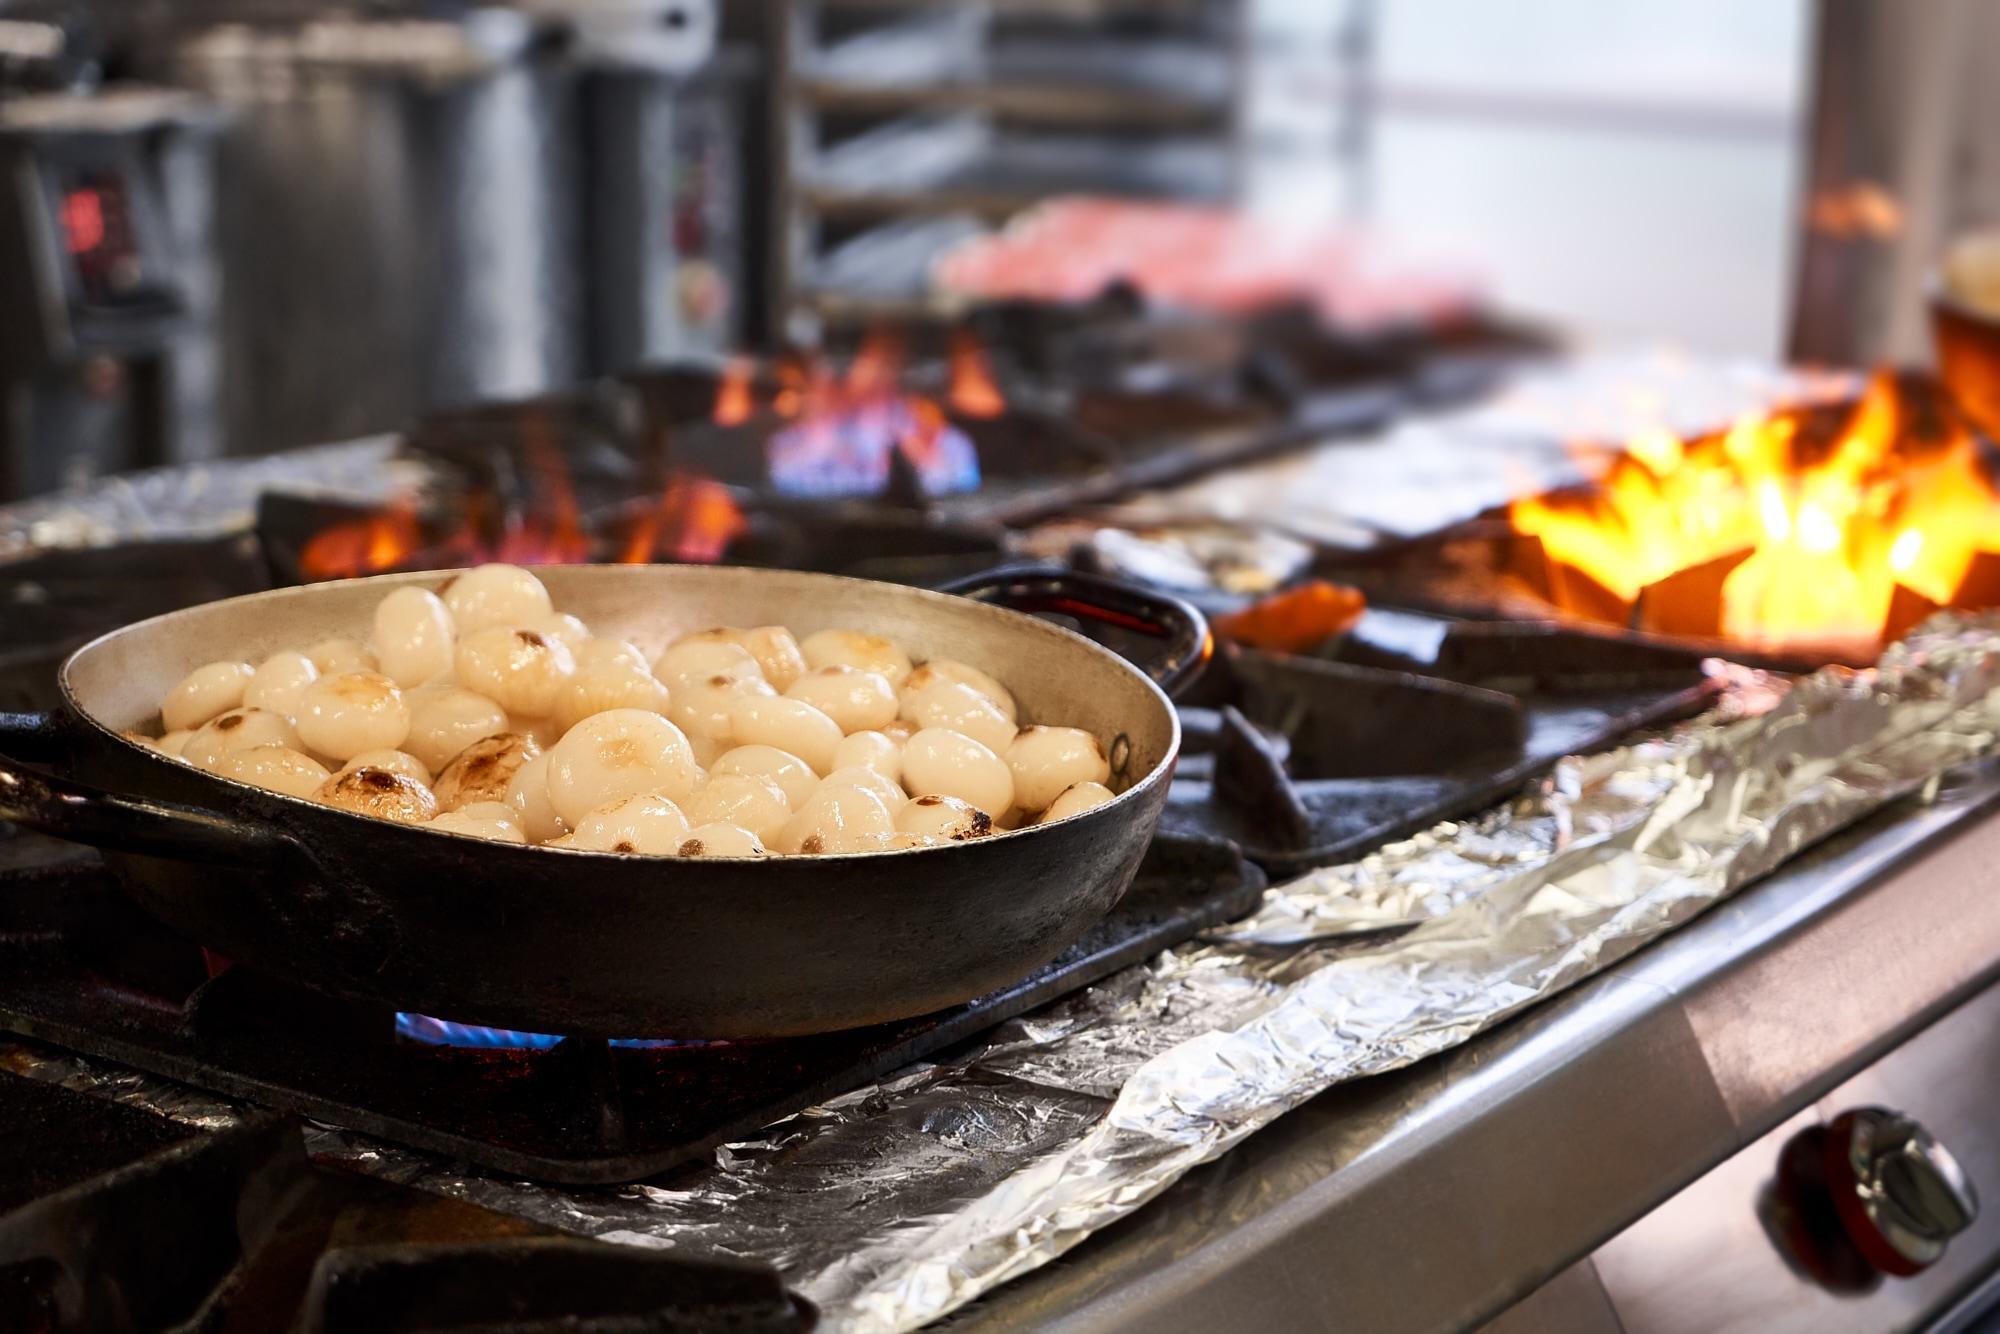 Produzione Cipolline La Gastronomica Padova